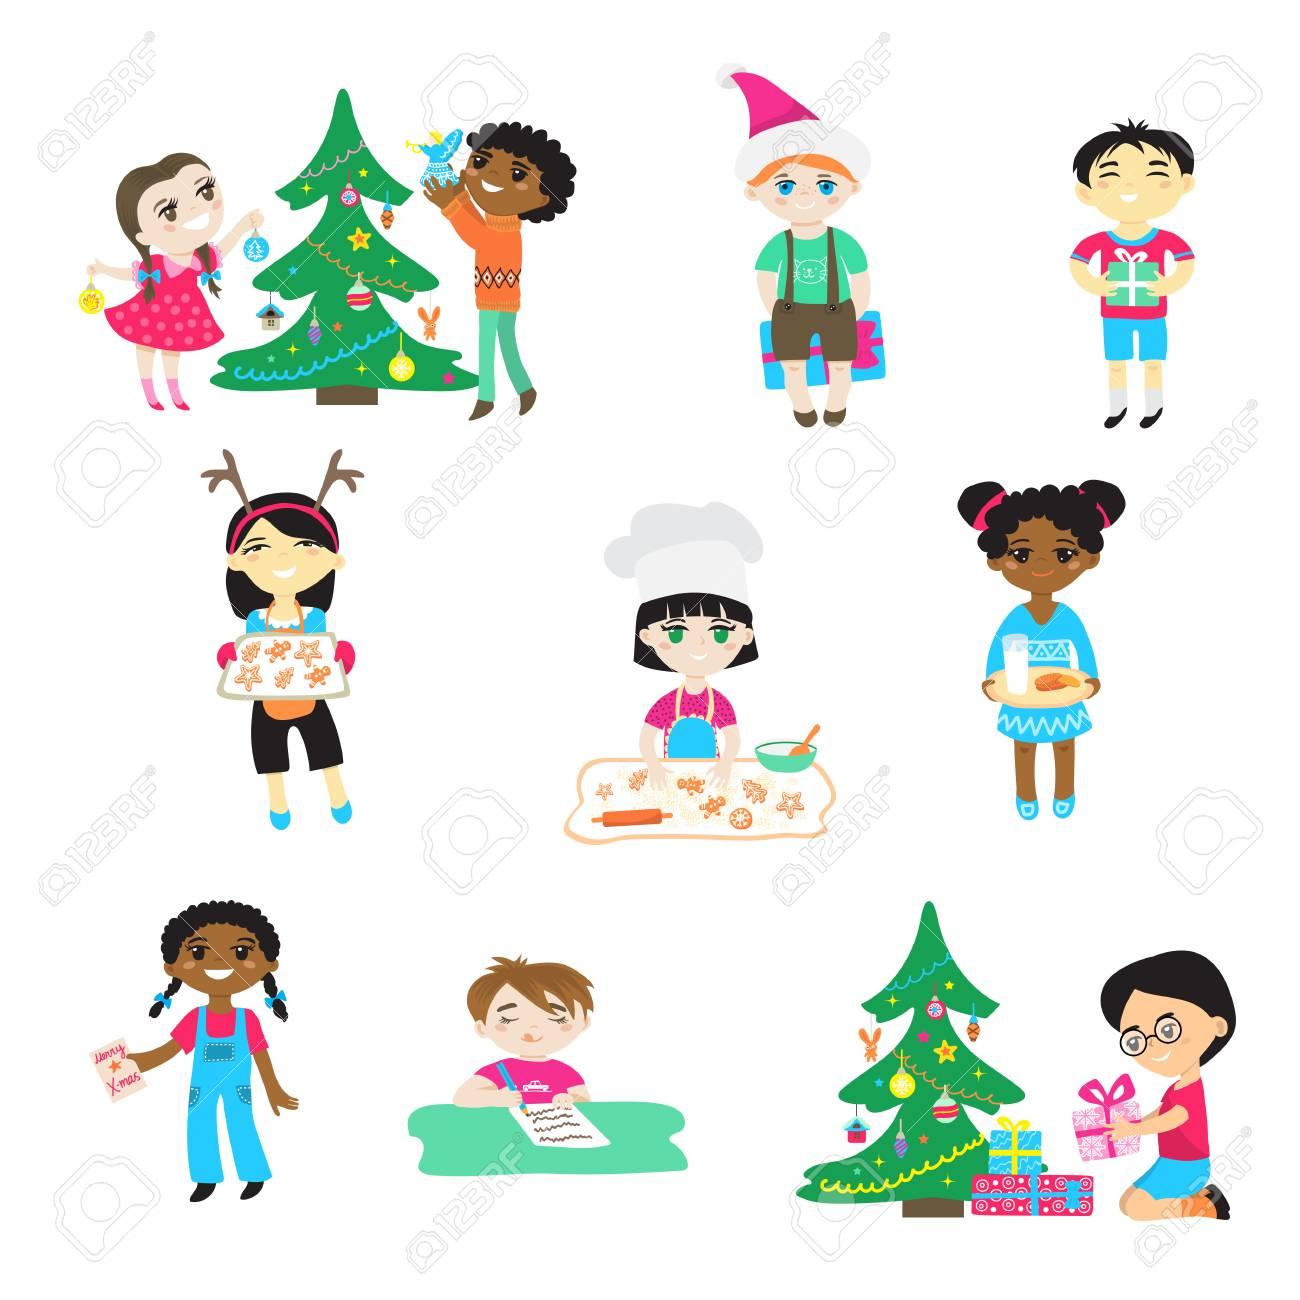 Kinder Auf Weihnachten Vektor Zeichentrickfiguren Jungen Und Mädchen ...